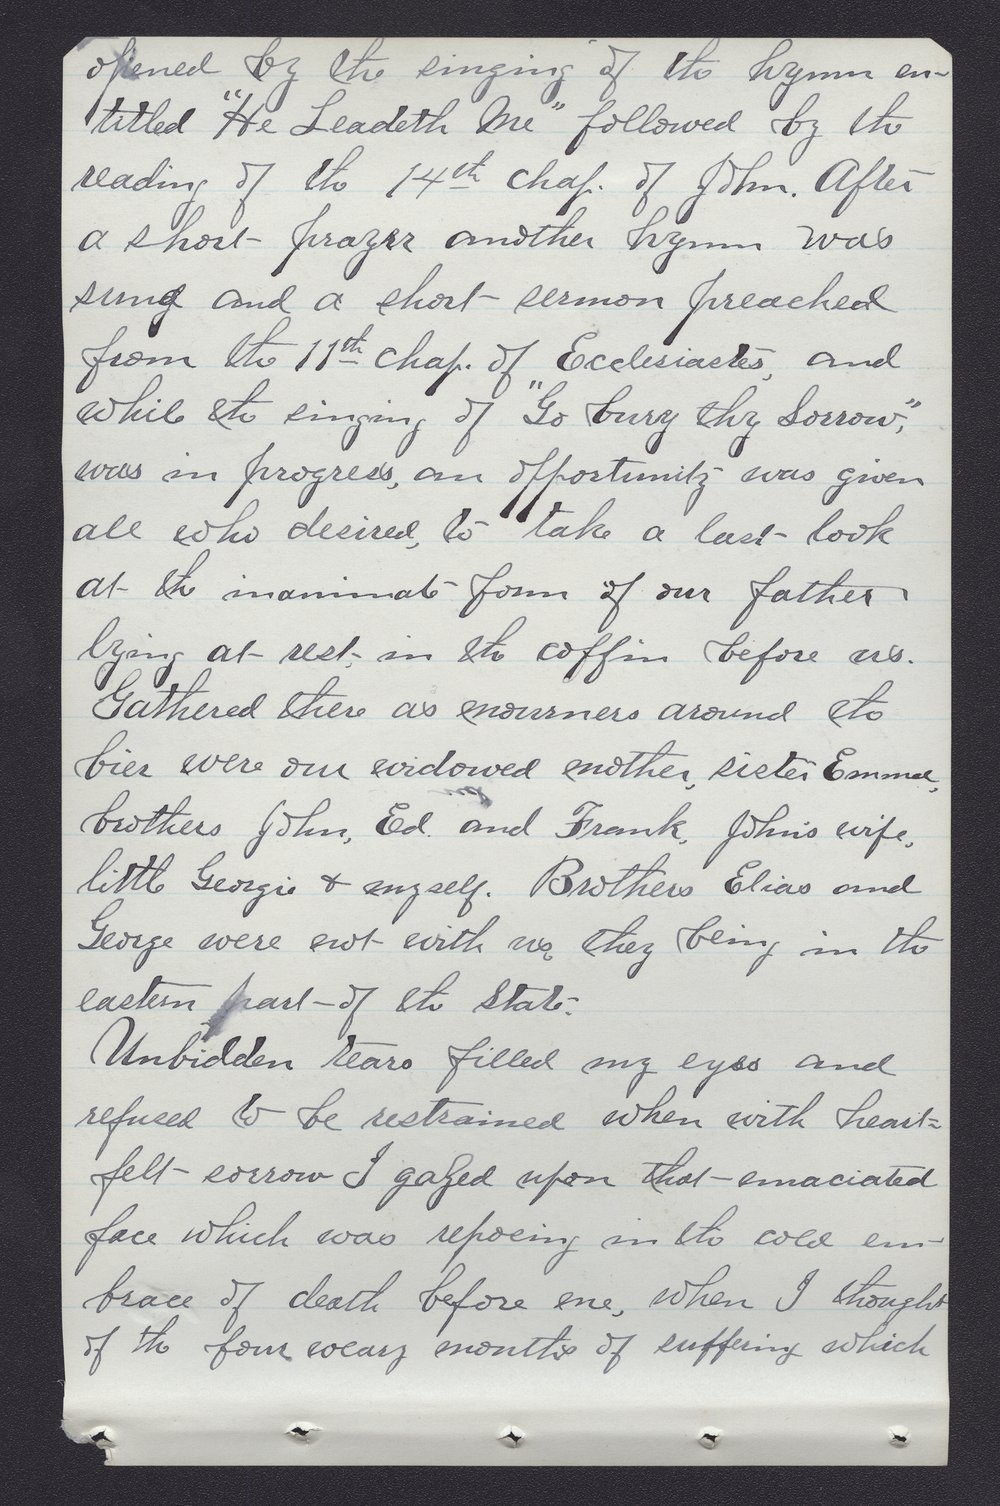 Elam Bartholomew diary - Jan 4, 1881 (2)